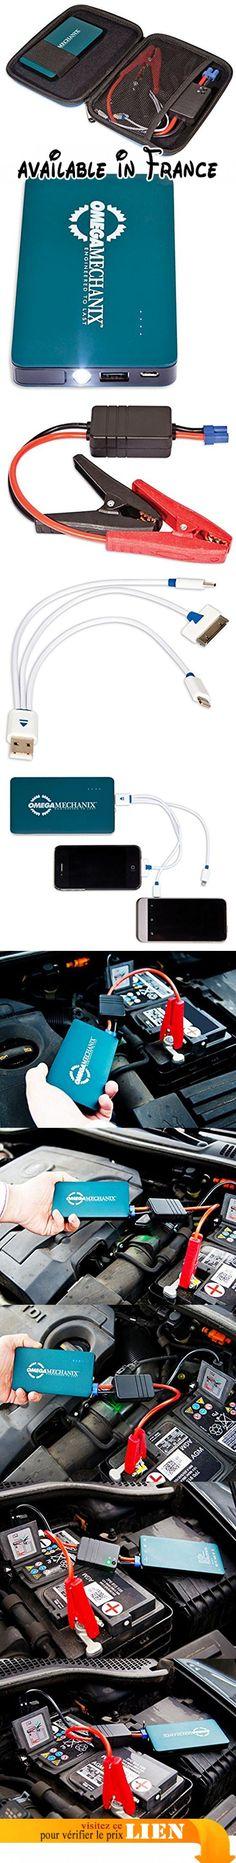 Omega Mechanix IJS6000D Bloc d'Alimentation pour Démarrage de Secours - EU Plug. Batterie externe, banque d'alimentation portable pour voitures et appareils mobiles #Automotive Parts and Accessories #AUTO_PART